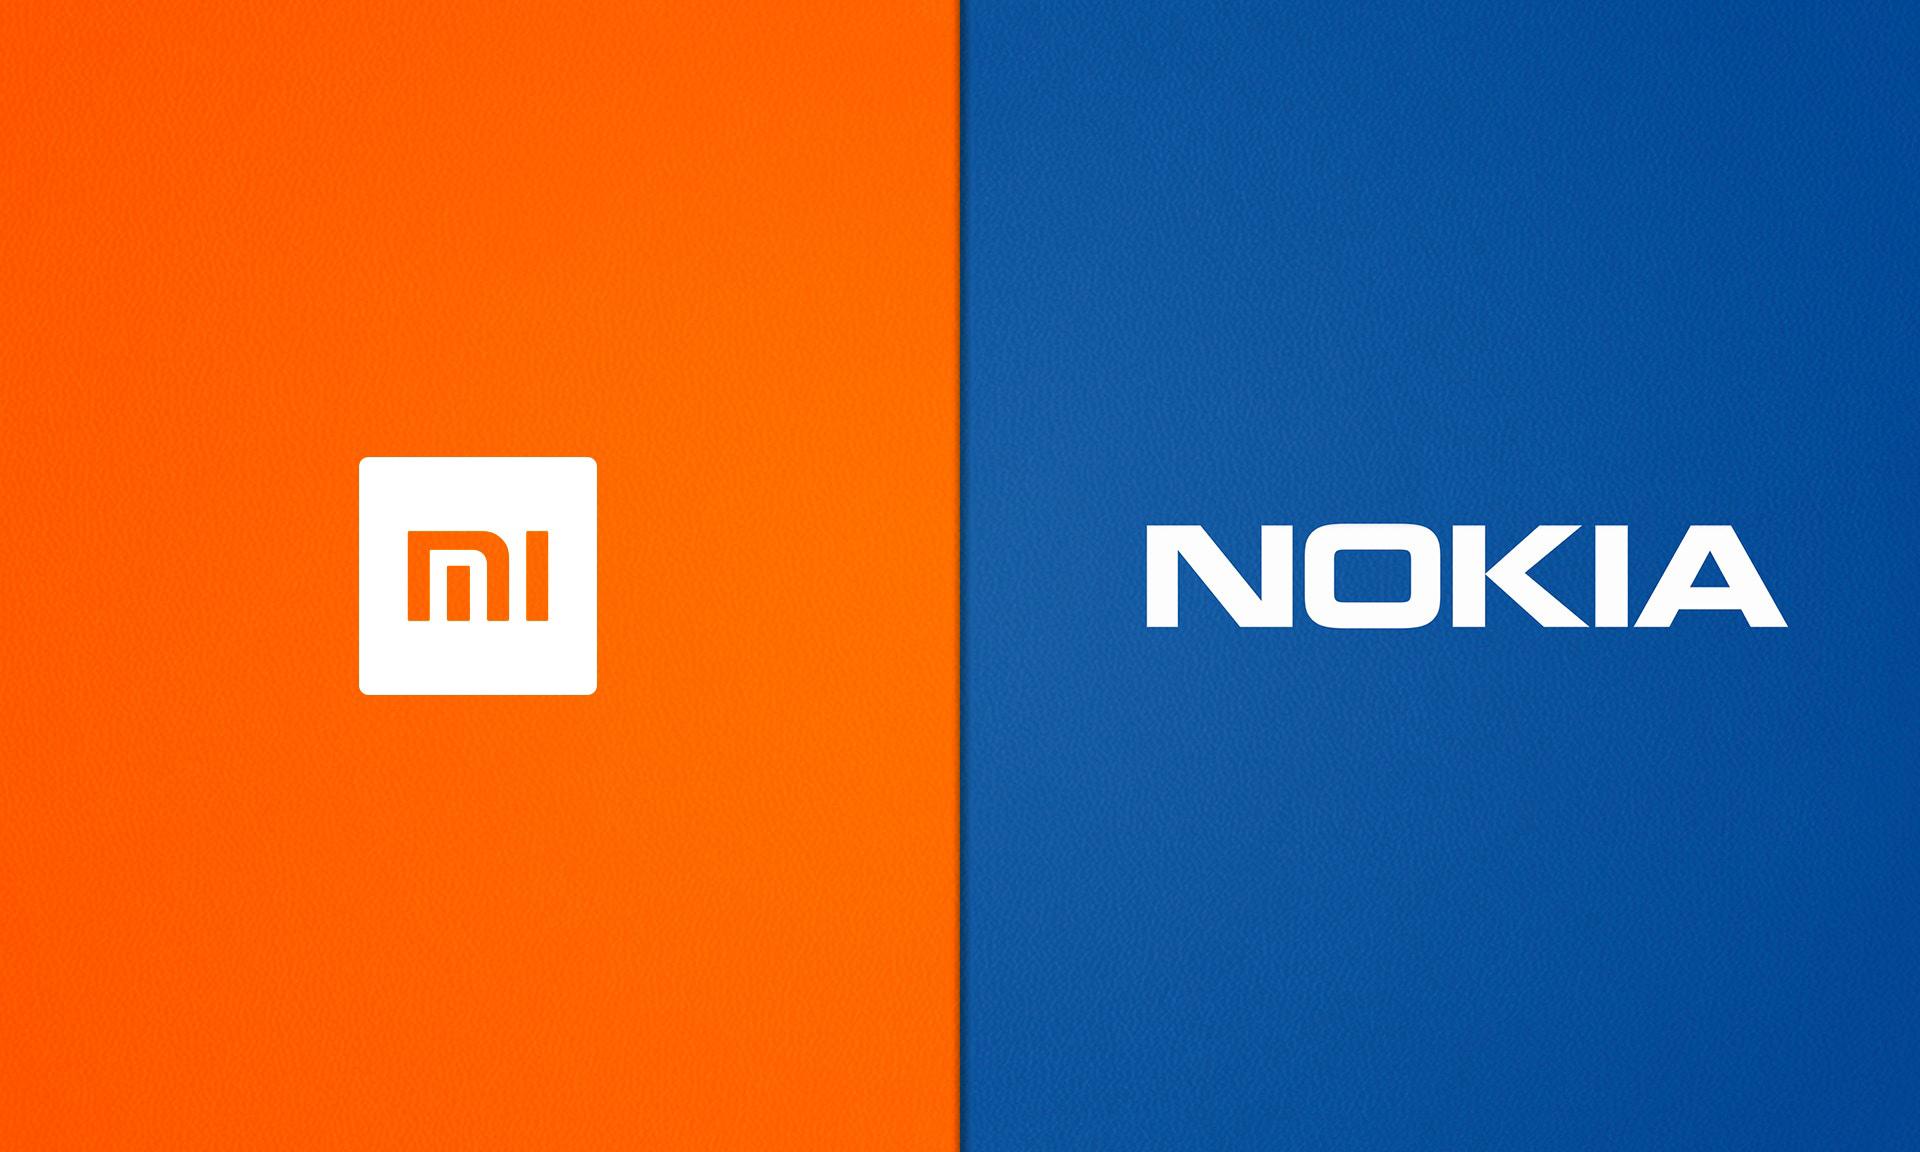 小米与诺基亚签署商务和专利合作协议